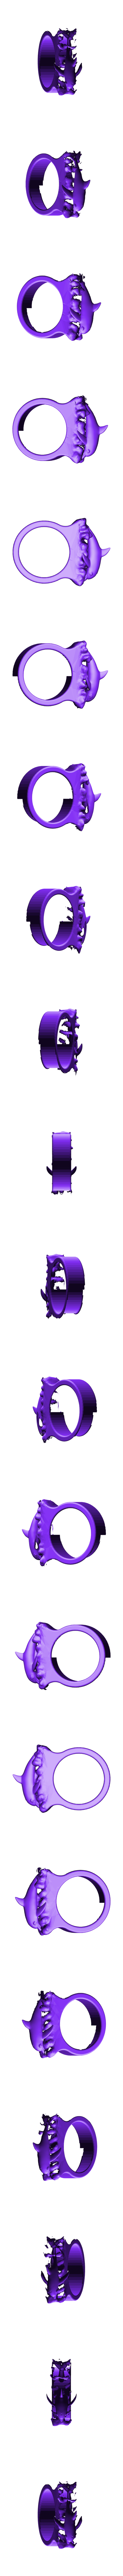 doplhin_ring.stl Télécharger fichier STL gratuit Bague de dauphin de Betty • Design à imprimer en 3D, Opossums